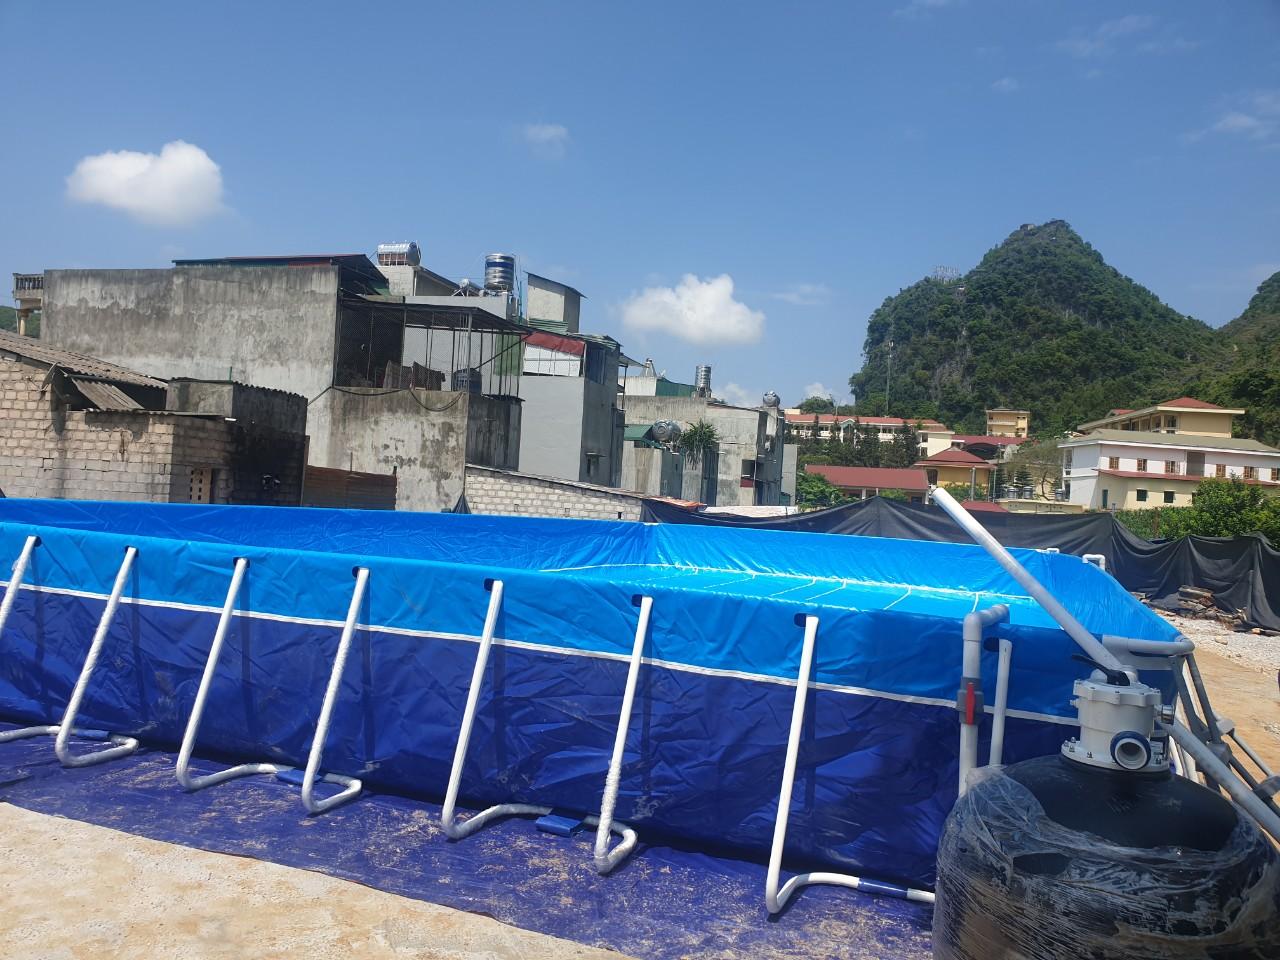 Hồ Bơi Dạy Bơi 9,6m x 20,1m 14